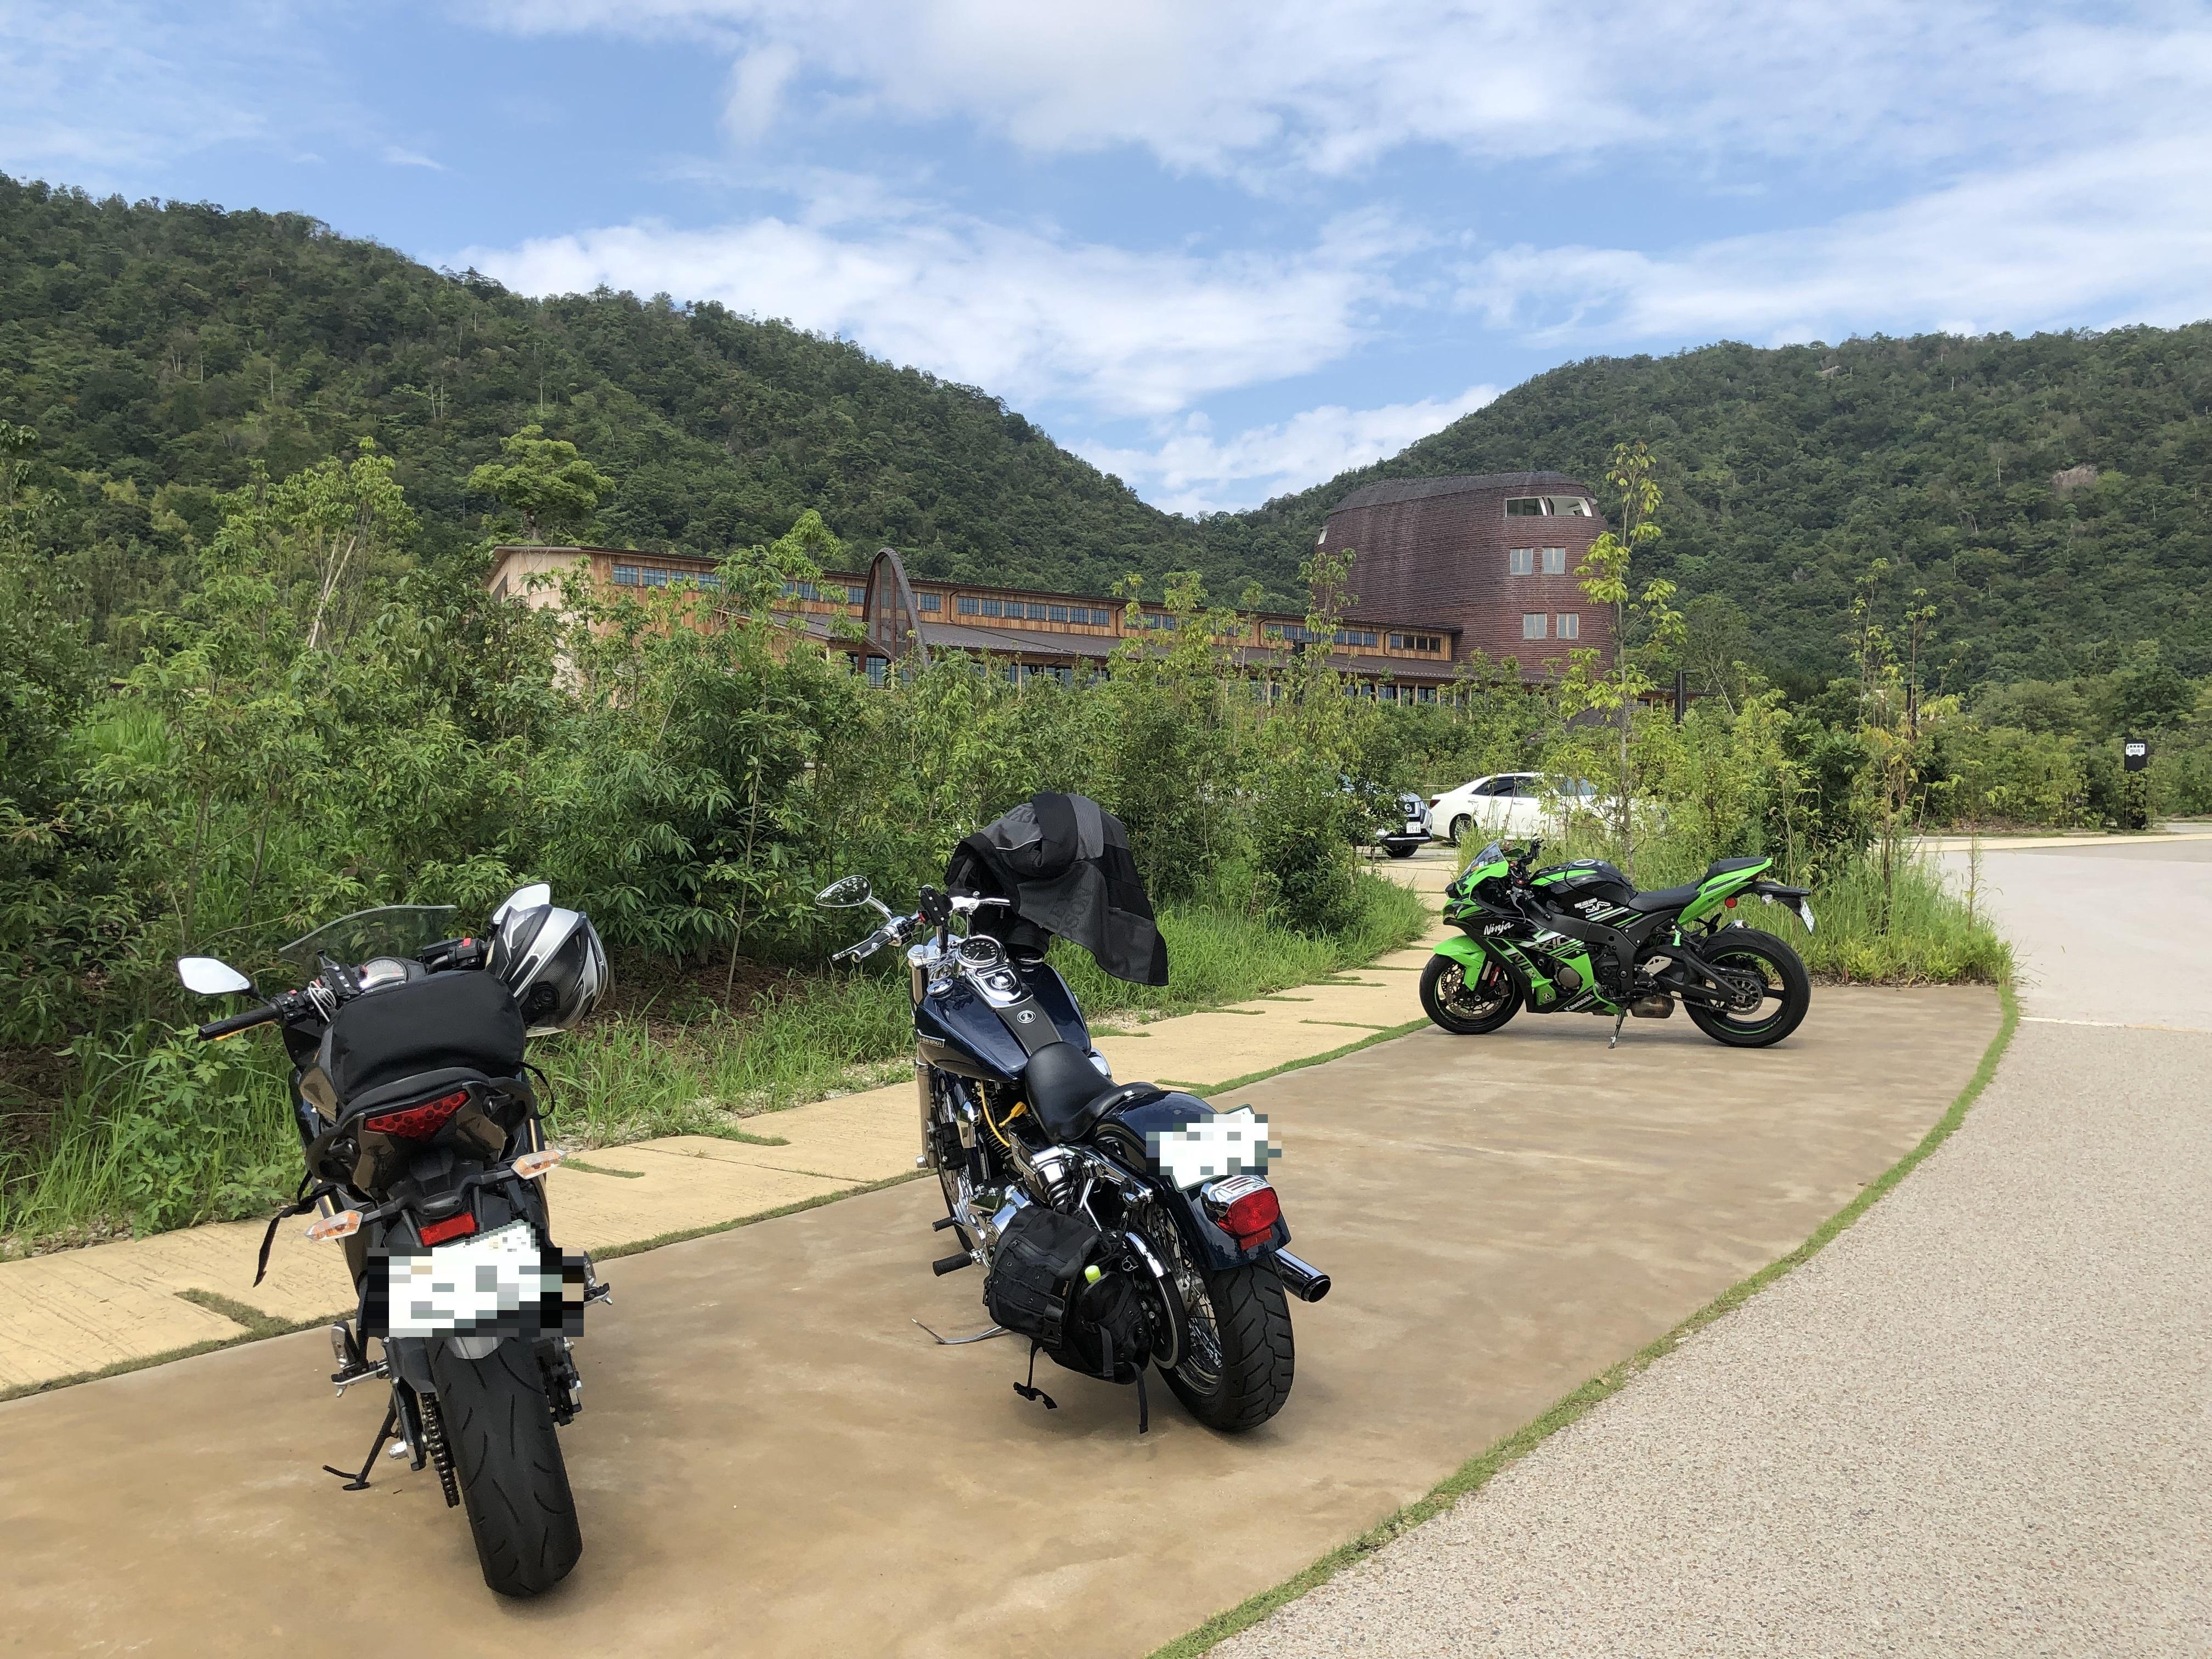 ハーレーとカワサキで行く近江八幡ツーリング ラ・コリーナ